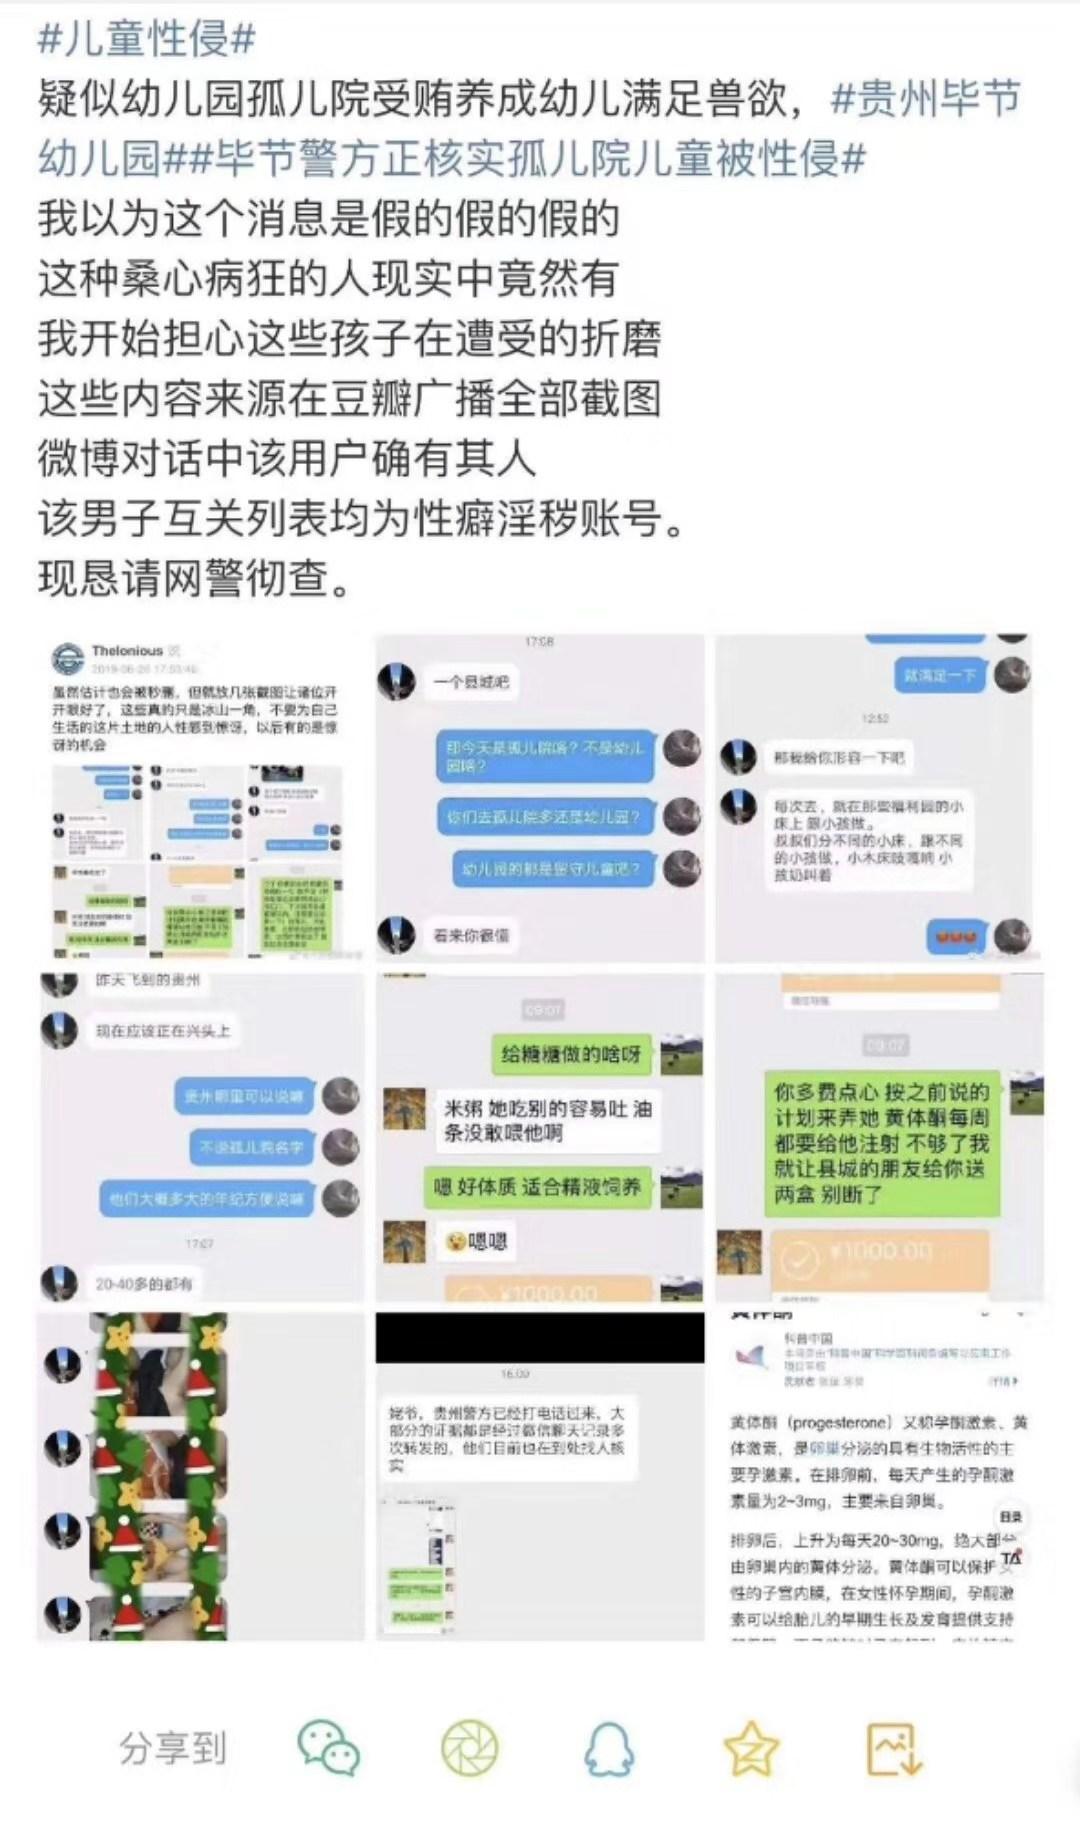 【辟谣】网传幼儿被性侵事件系编造 发帖人落网